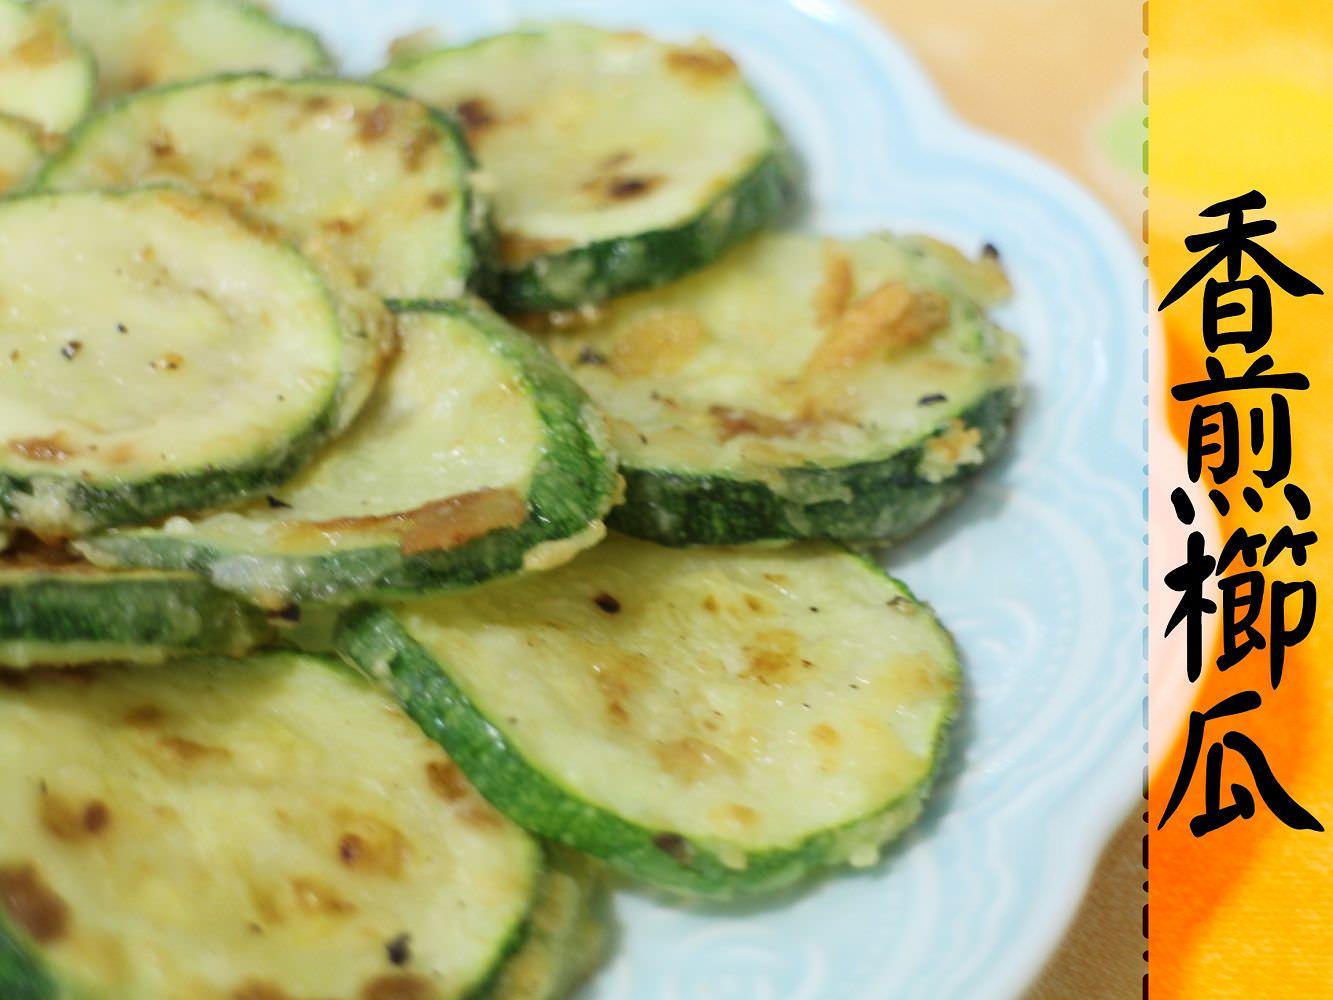 食譜︱櫛瓜怎麼煮:香煎最好吃,像酥酥天婦羅,餐桌上有這道,孩子吃兩碗飯